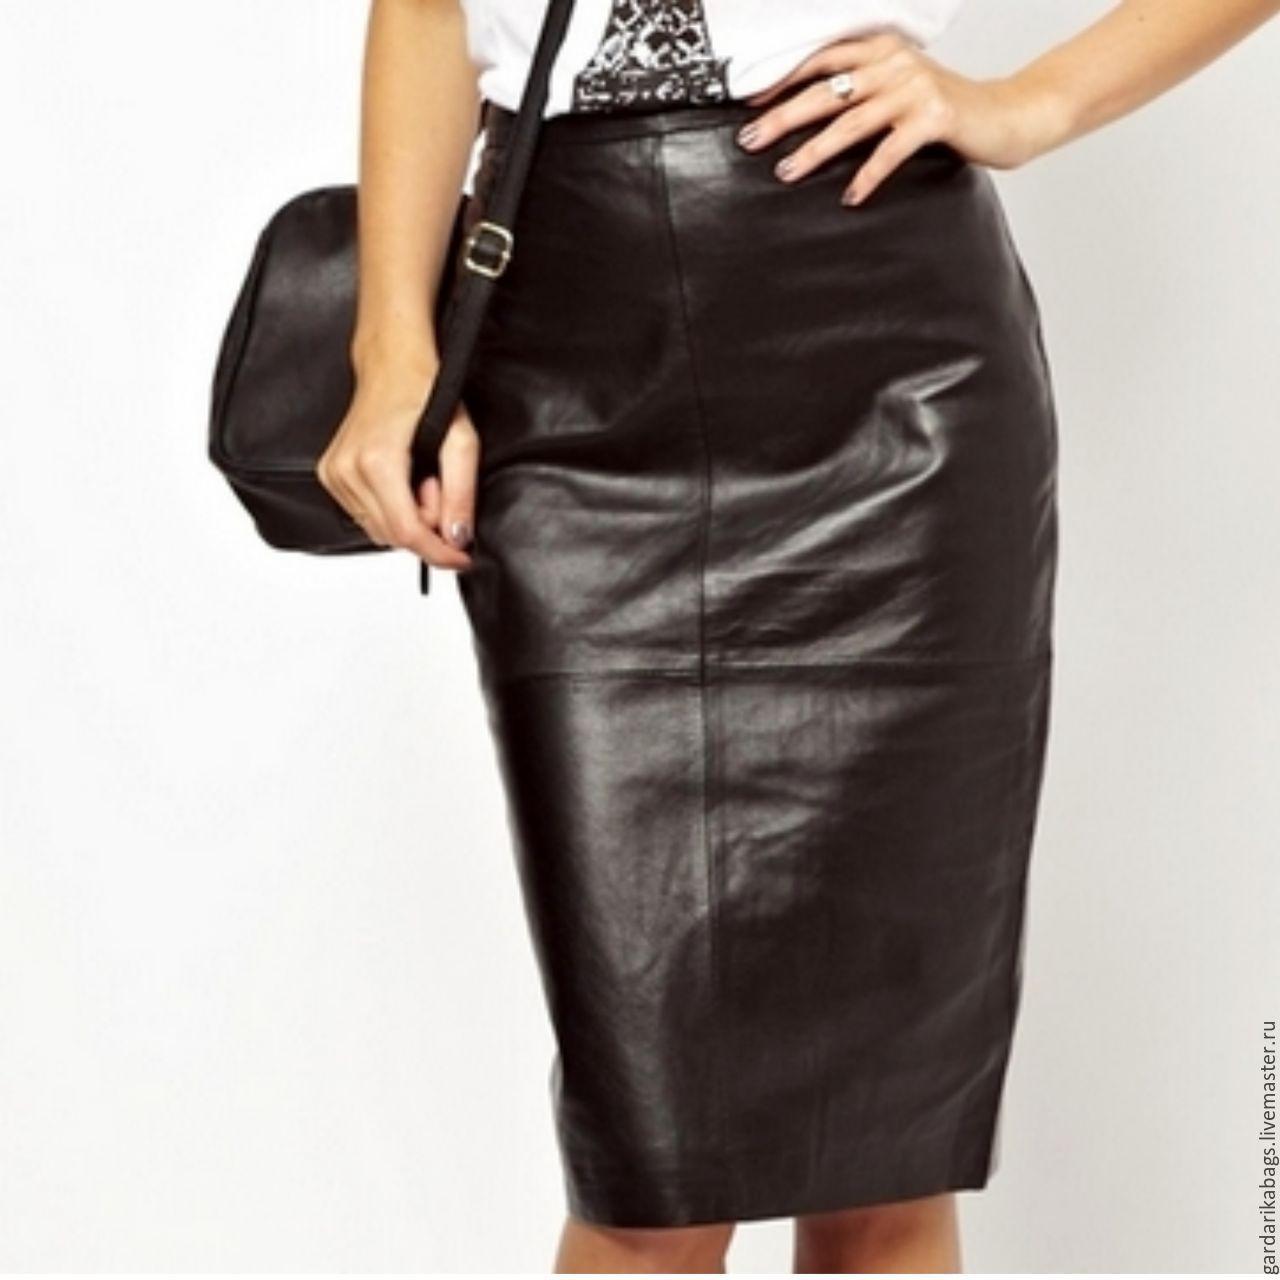 283b16420a1 Верхняя одежда ручной работы. Ярмарка Мастеров - ручная работа. Купить  Кожаная юбка карандаш.